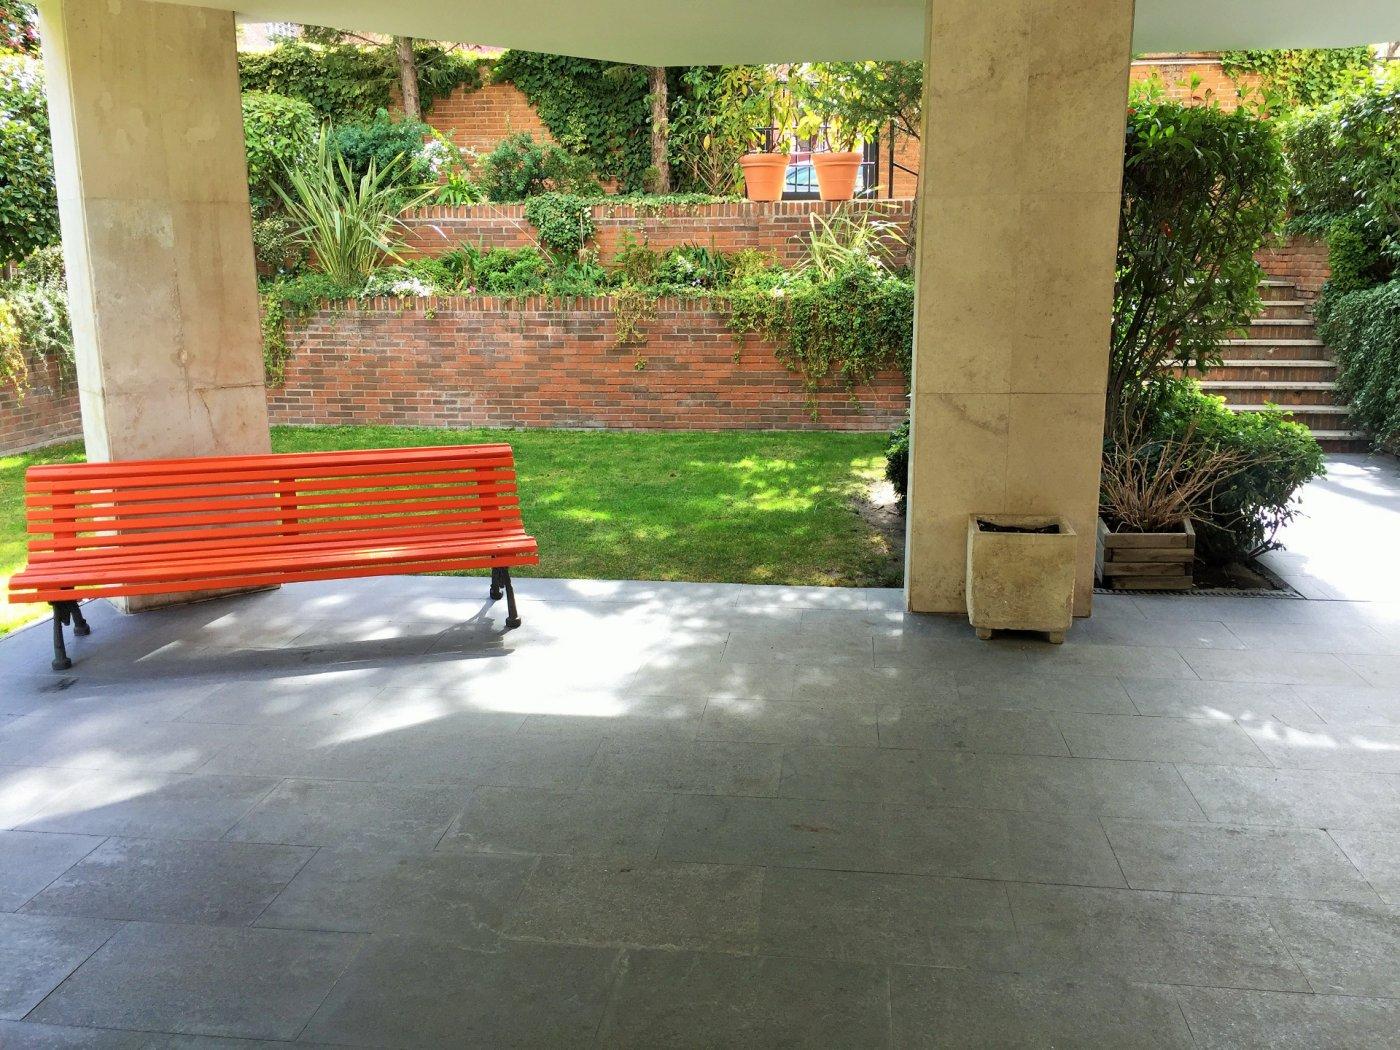 Venta de piso en madrid - imagenInmueble29